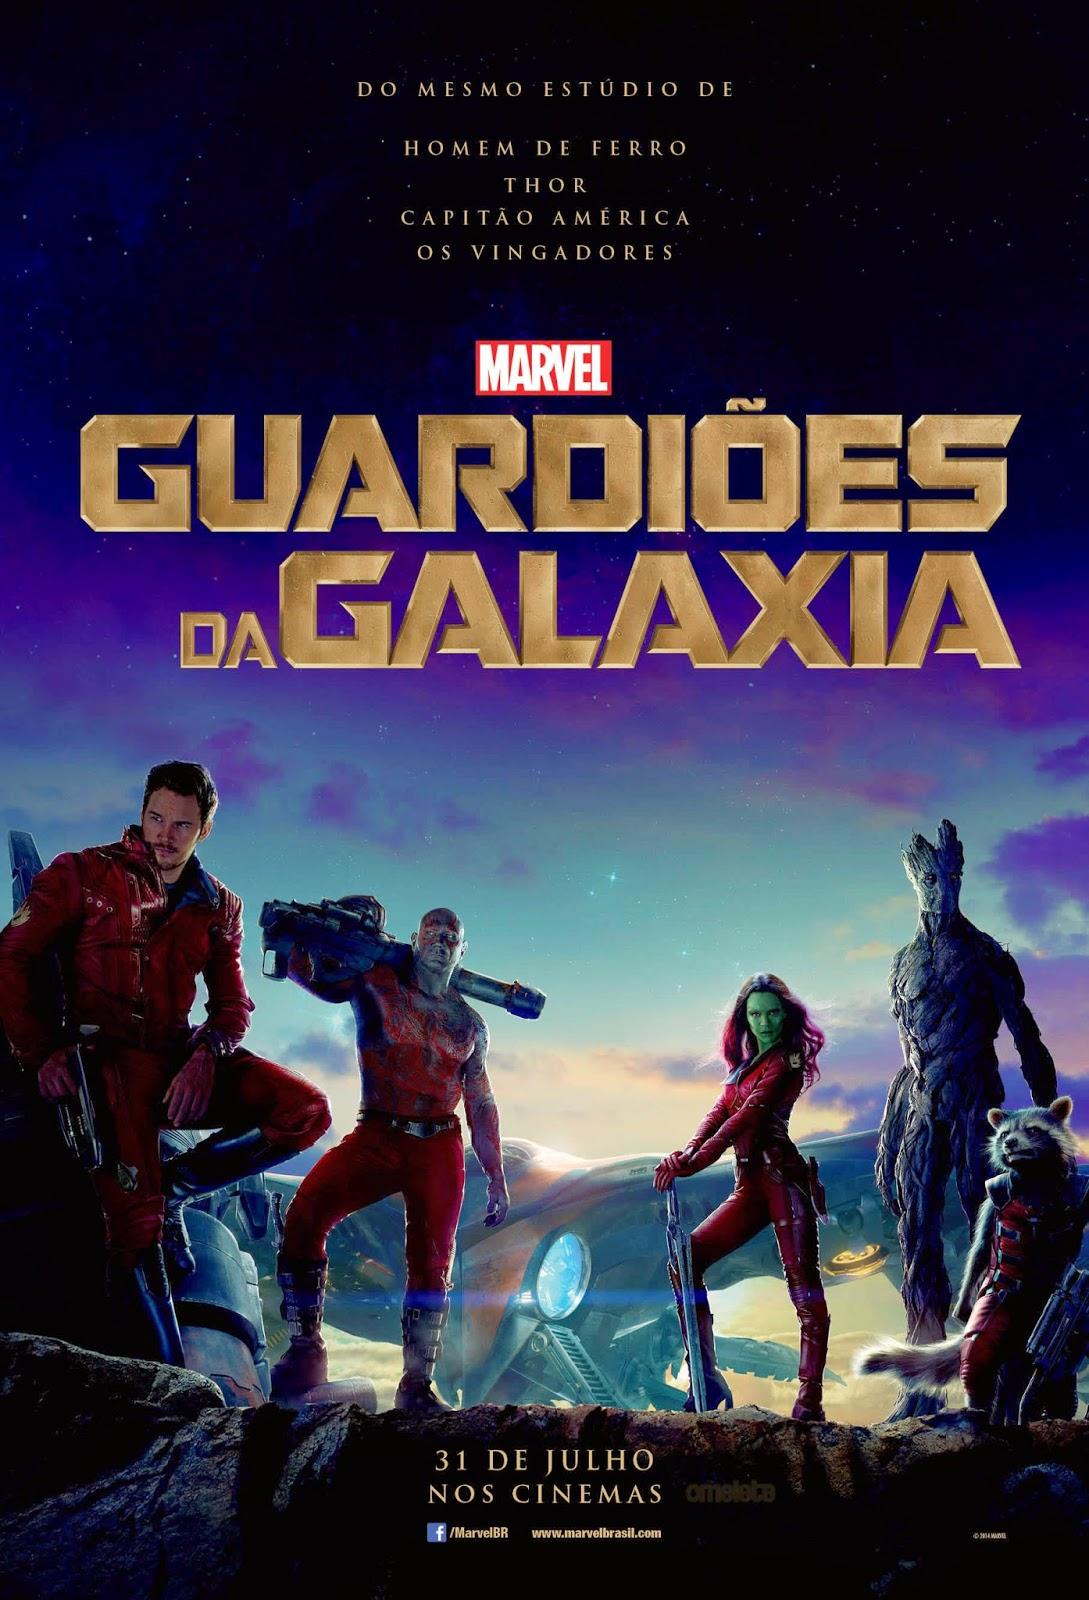 http://www.filmeslivroseseries.com/2014/08/filmes-guardioes-da-galaxia.html